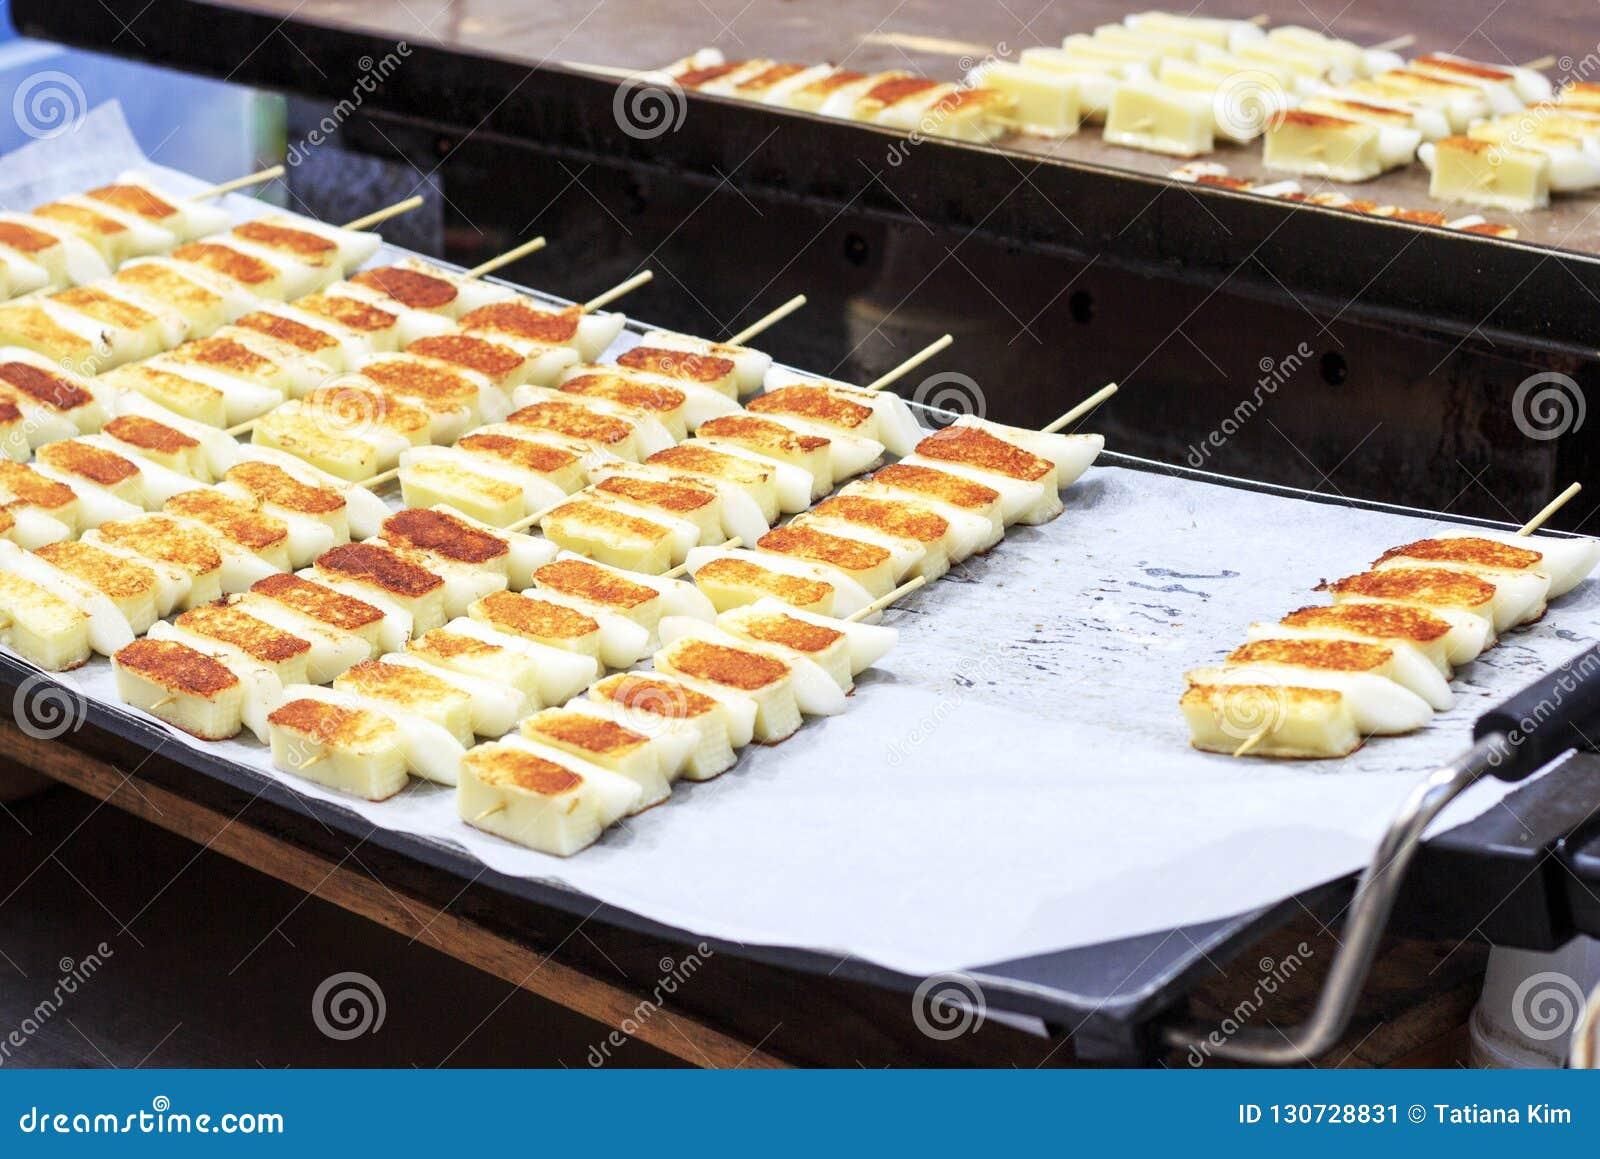 Street food, fried tteok, Seoul, South Korea